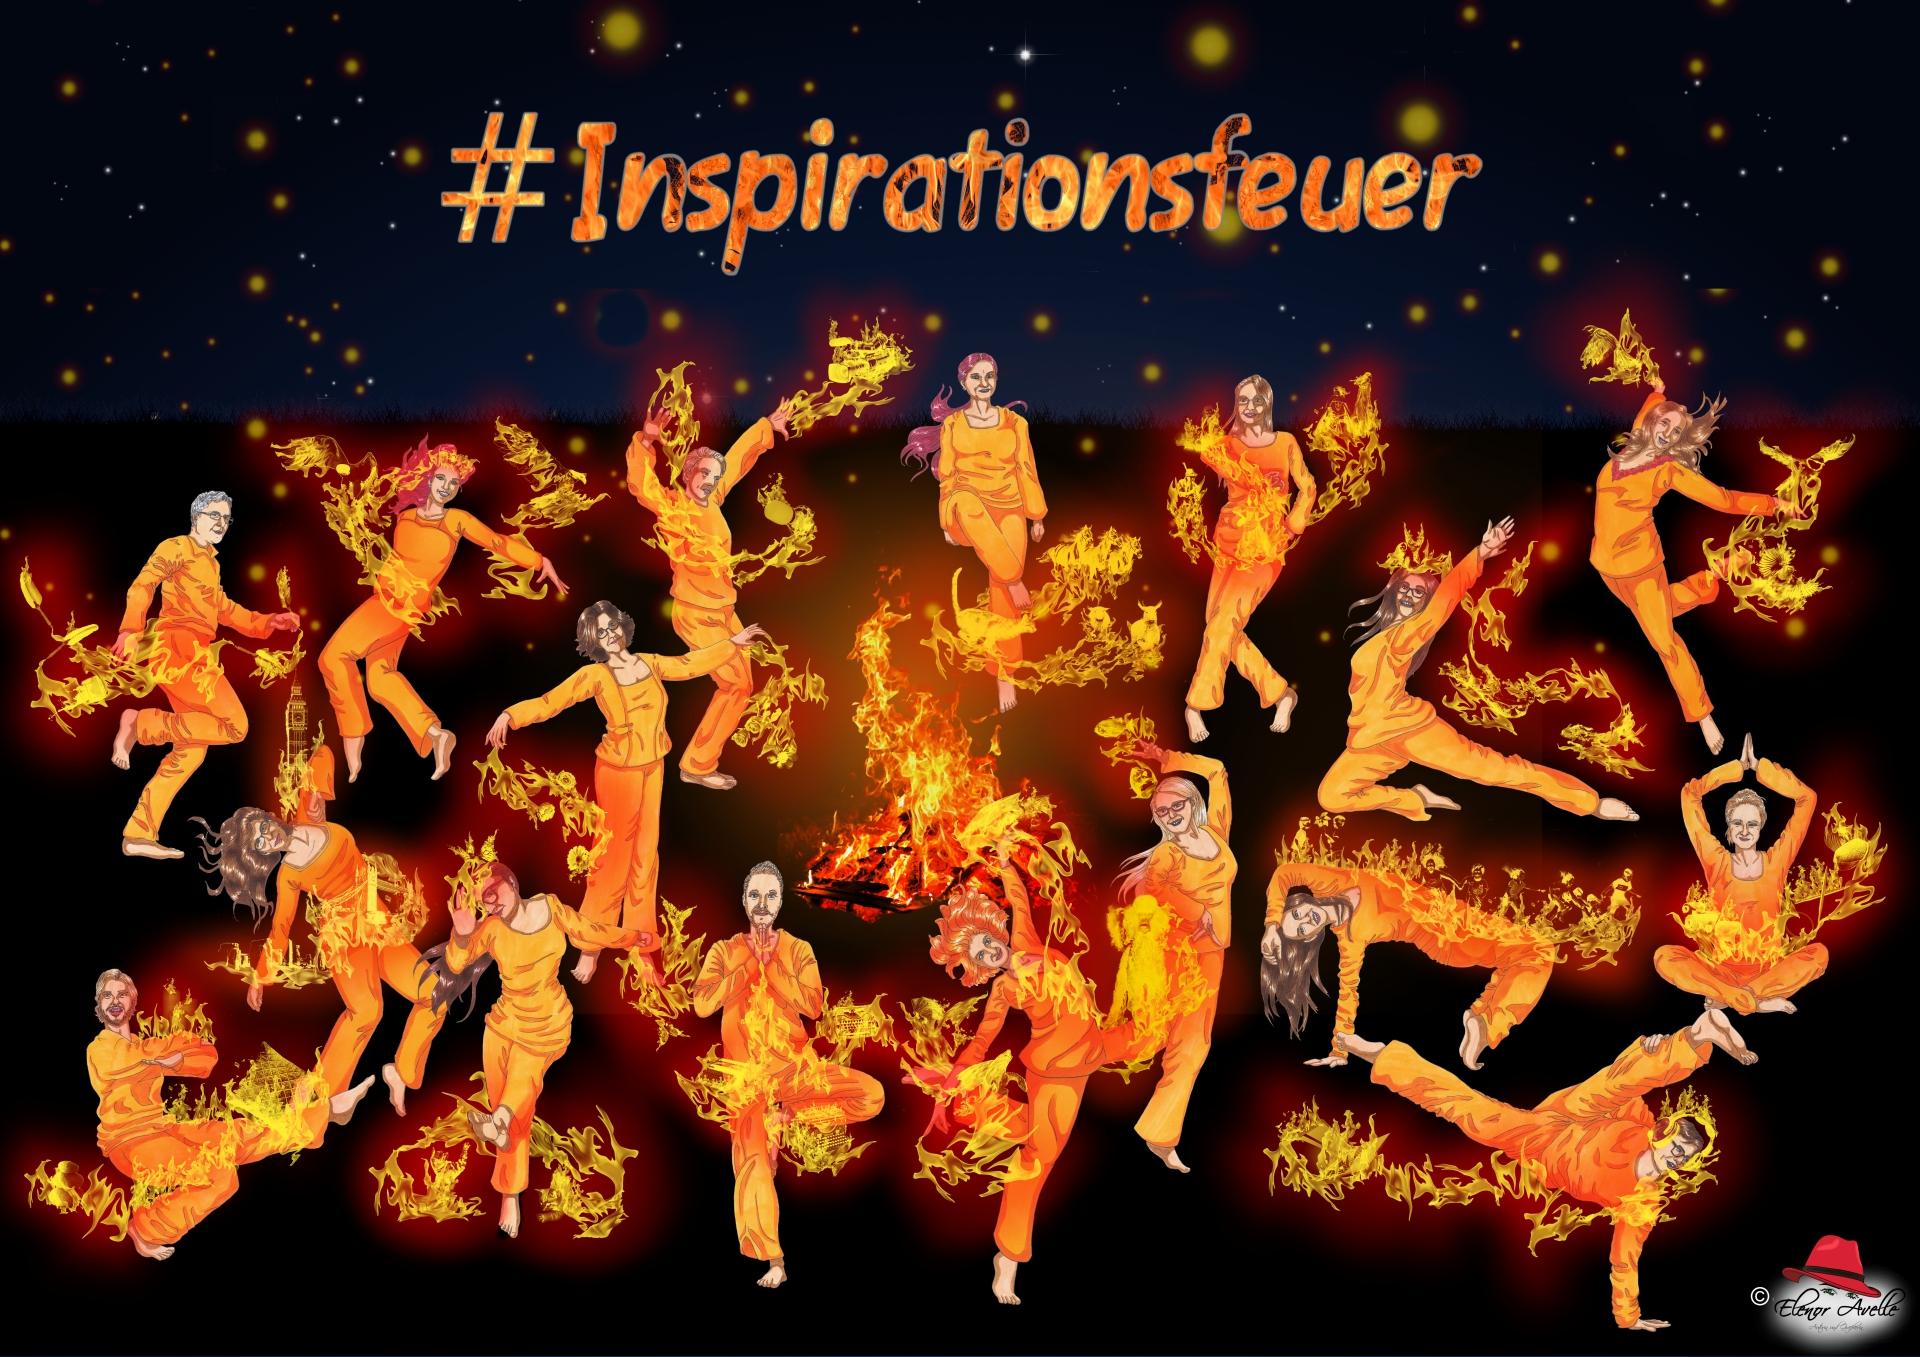 Inspirationsfeuer